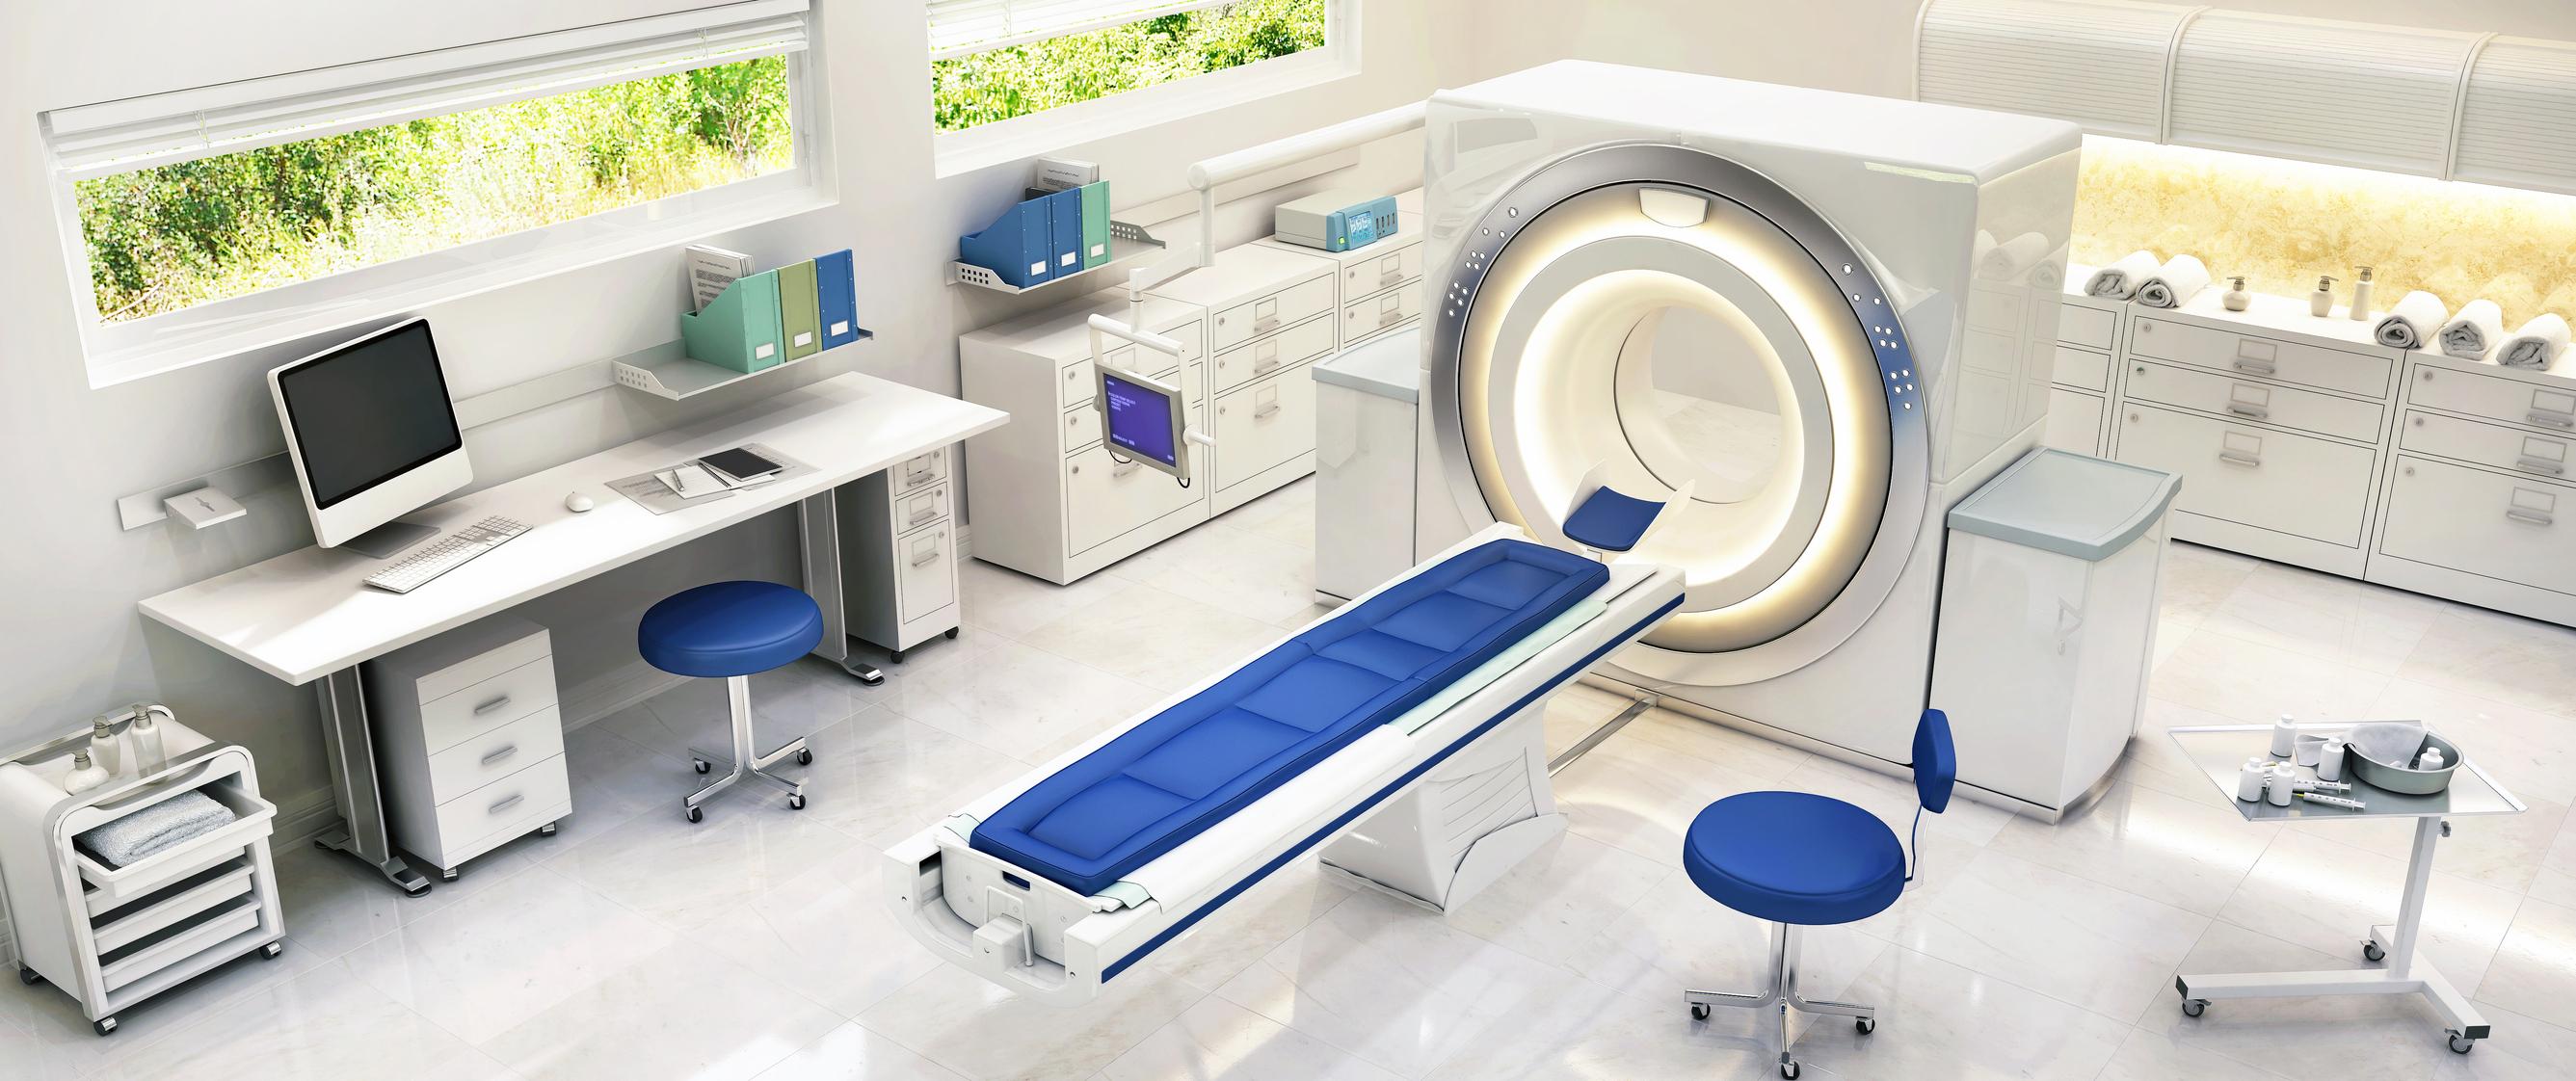 PE0921_MRI-room.jpg